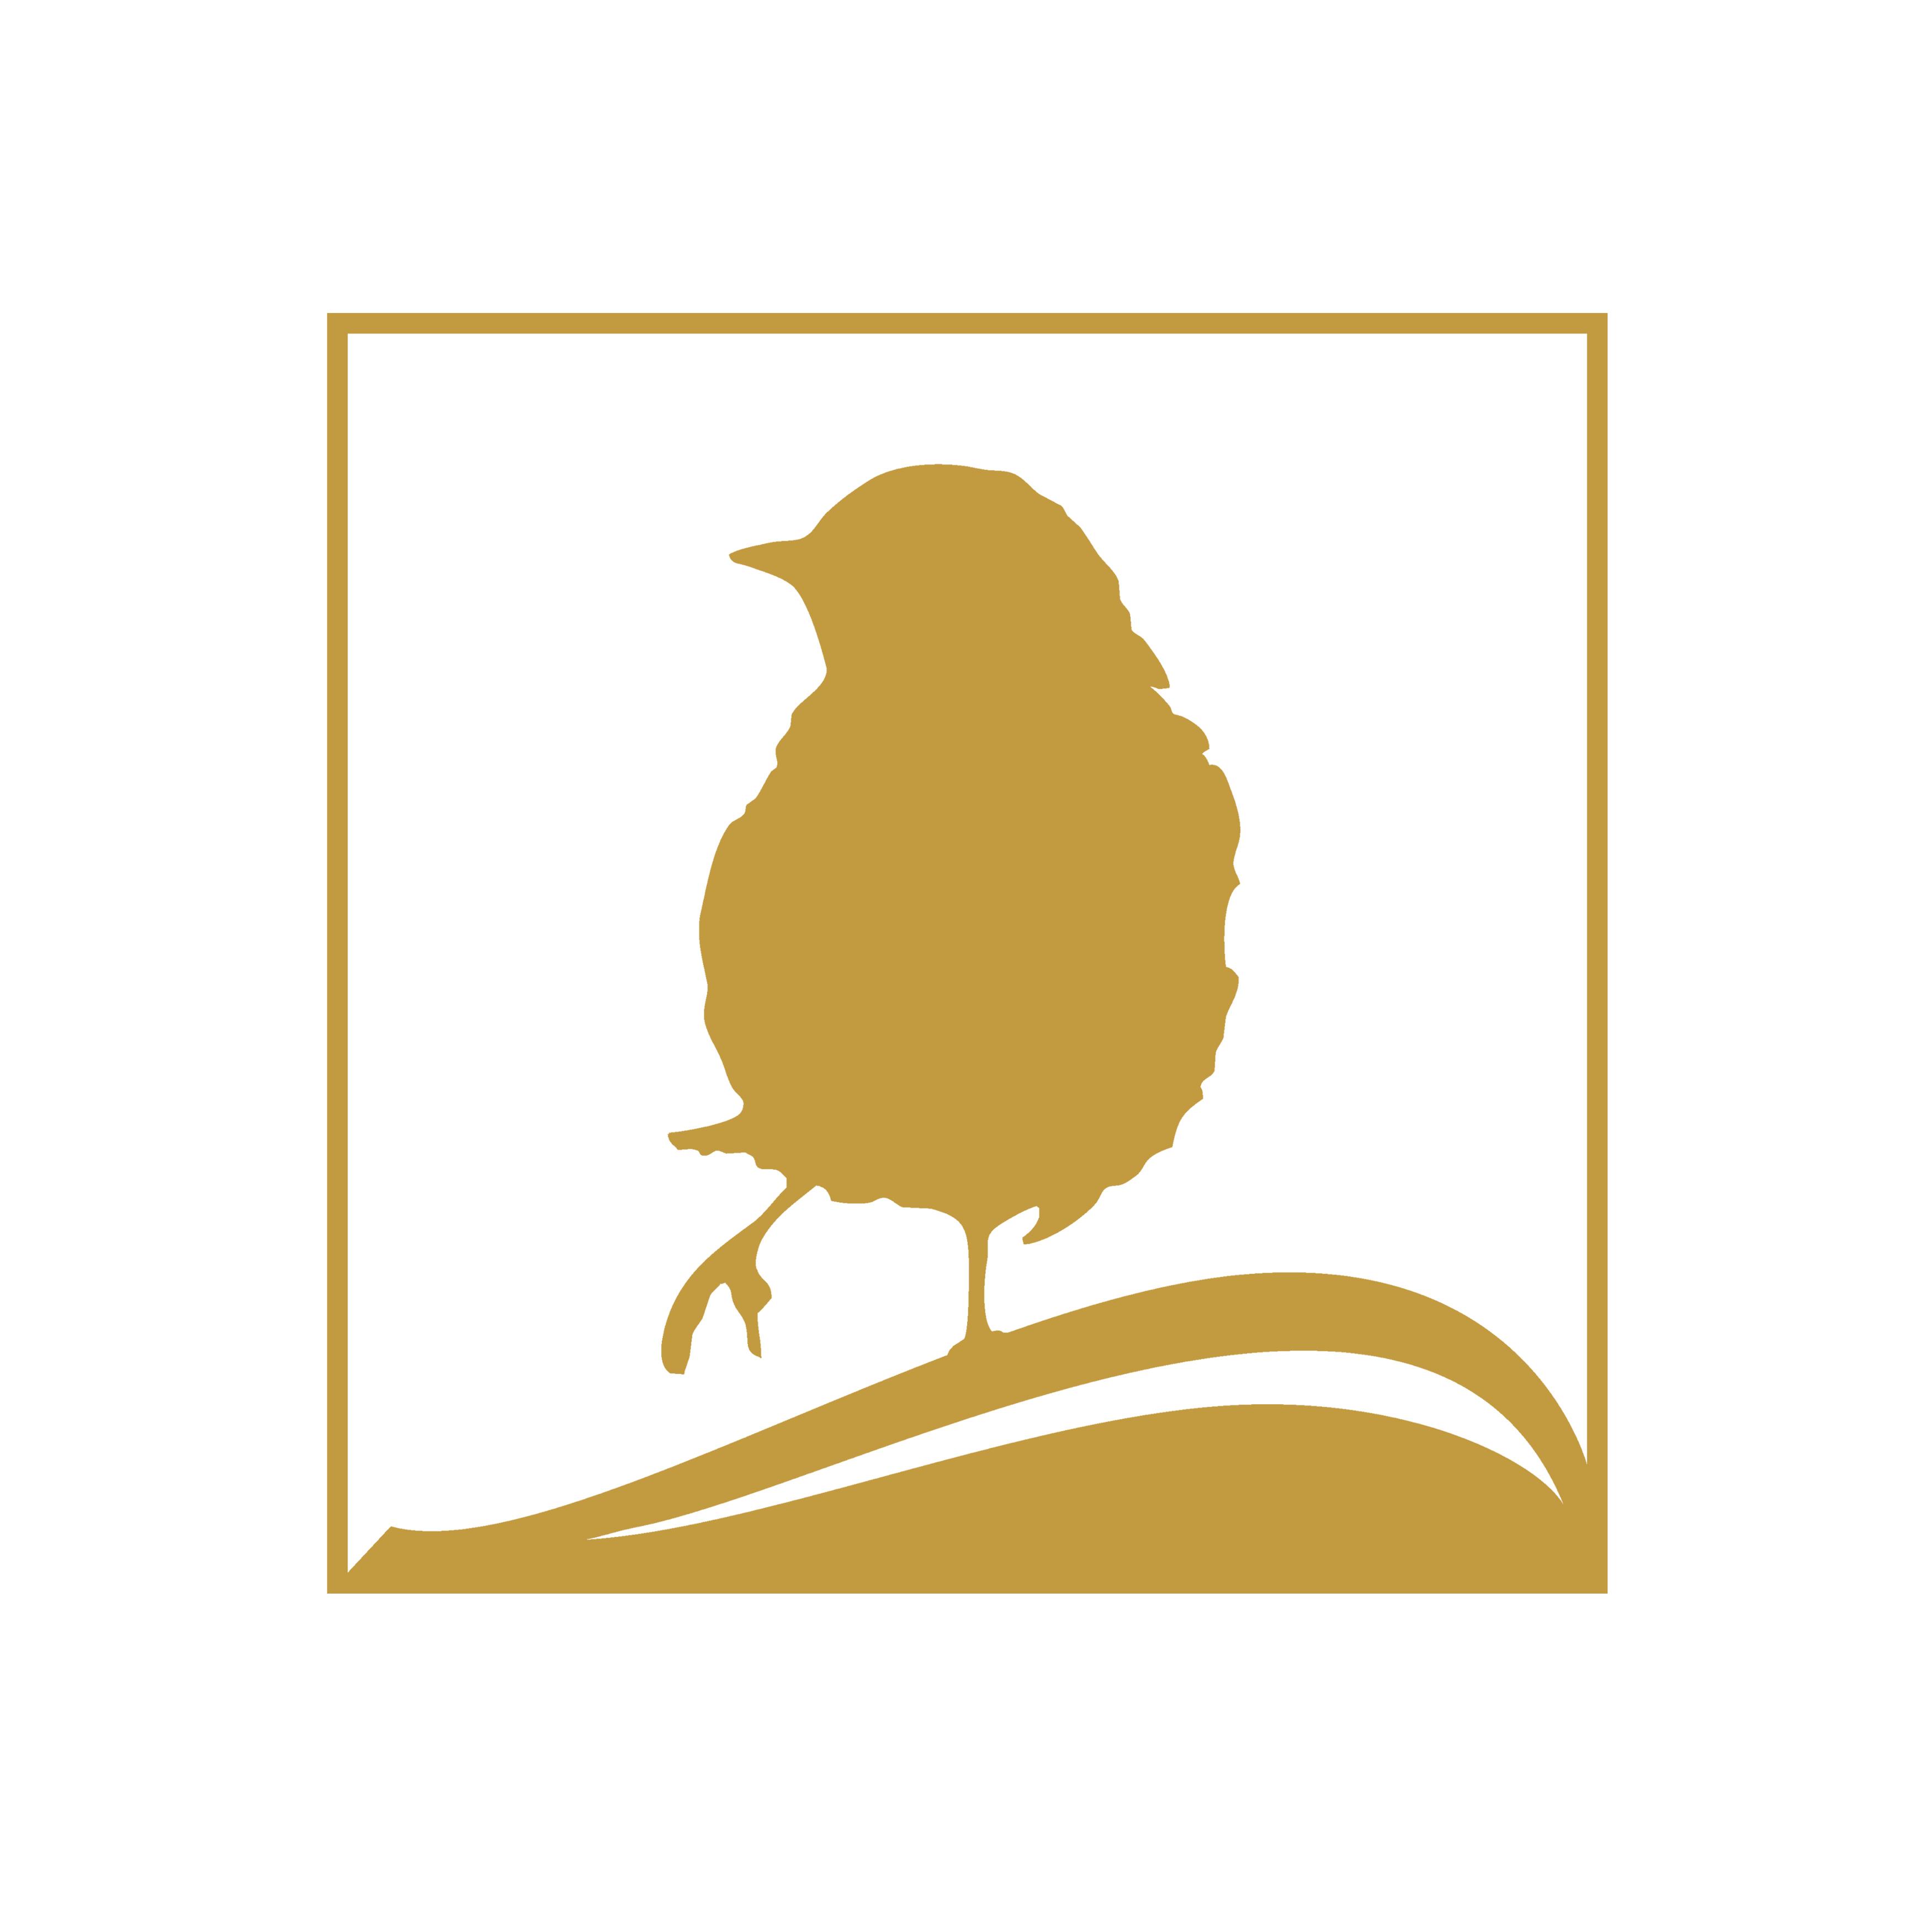 librarti-serena-dominijanni-bookbinders-roma-profile